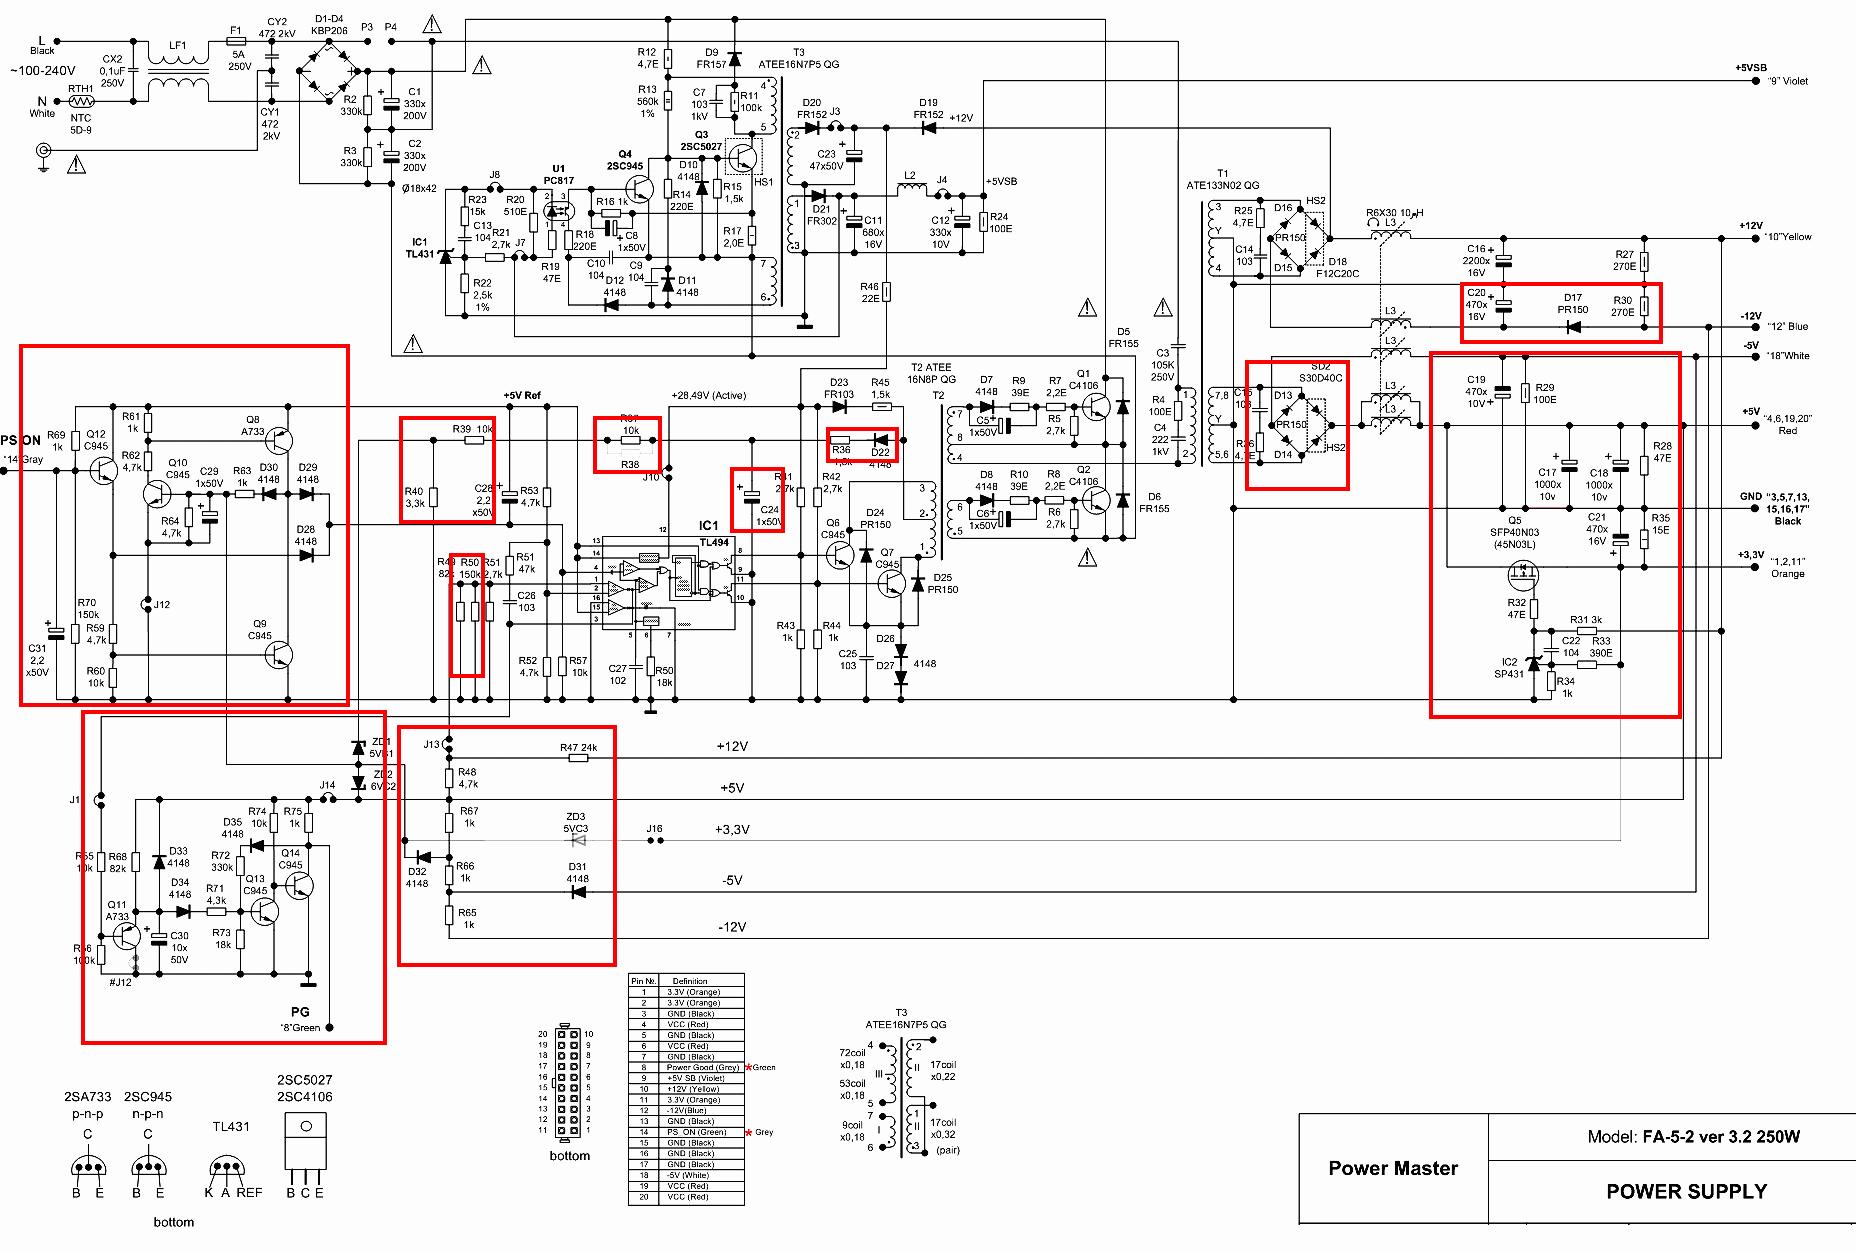 Схема итальянца по перед компьют бп